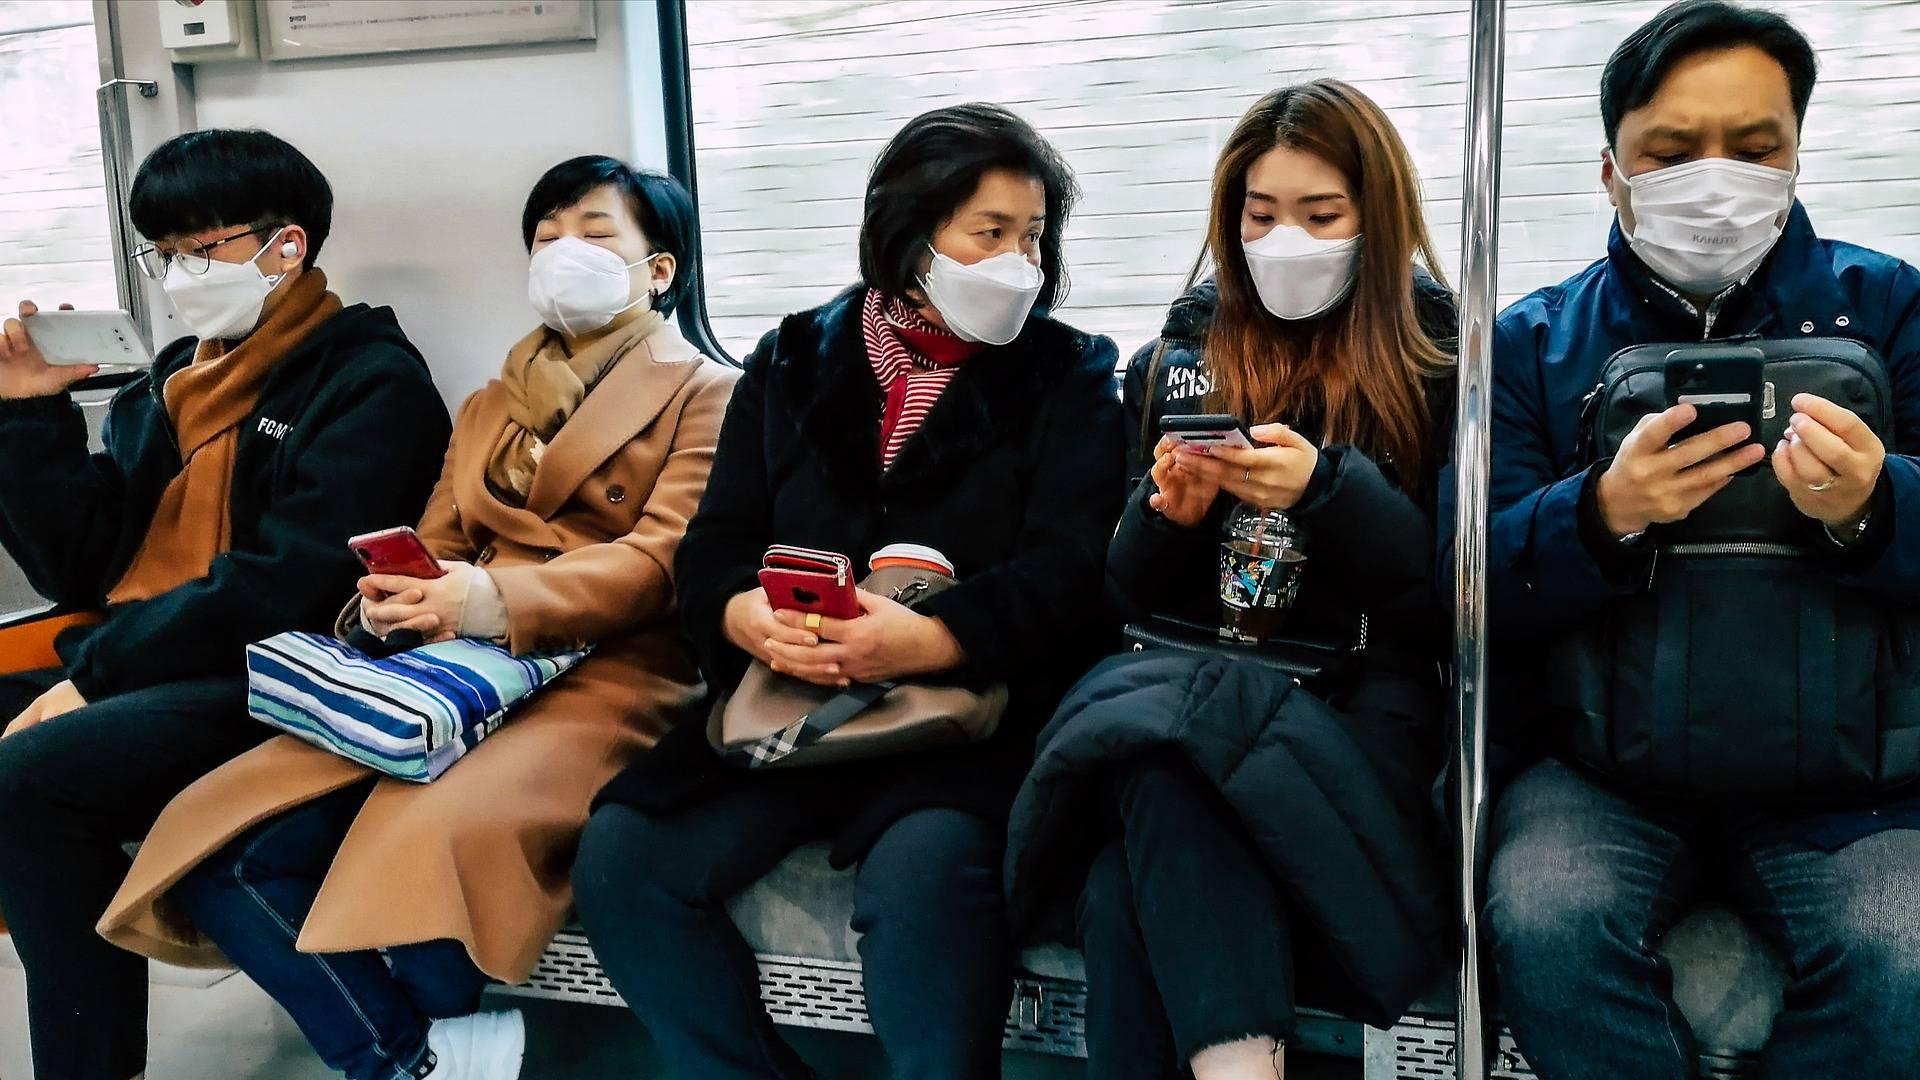 Passagers avec des masques dans le métro